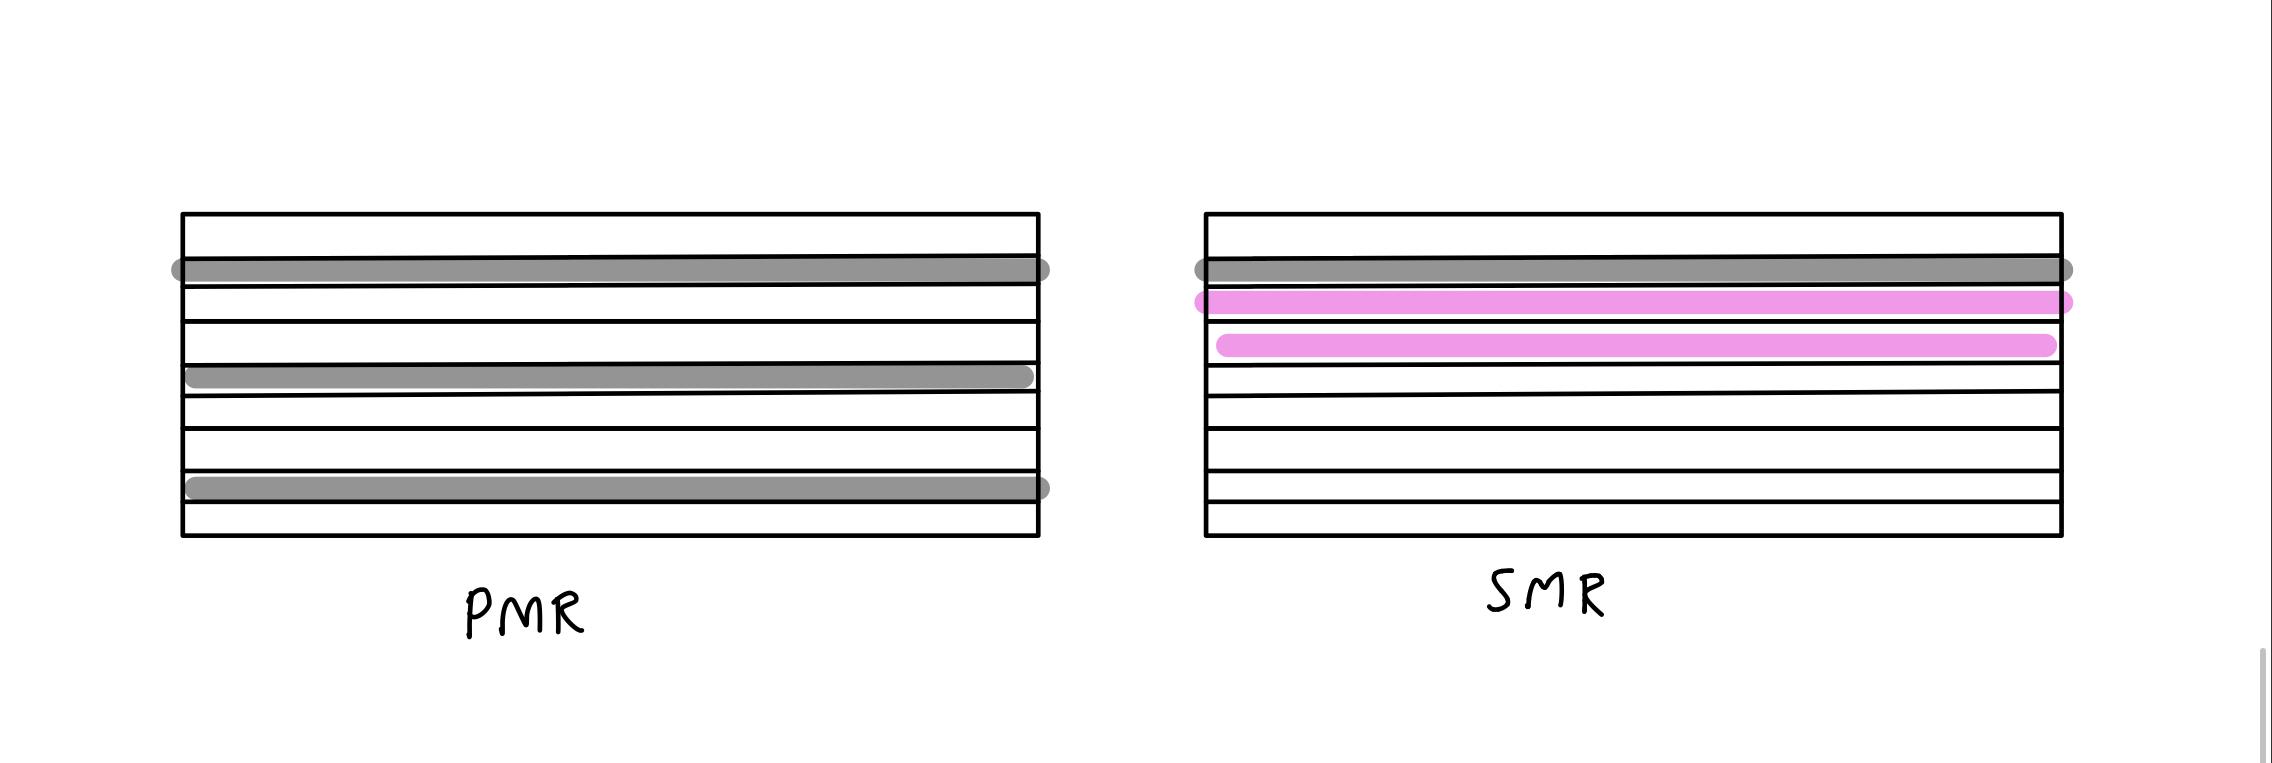 SMR vs PMR